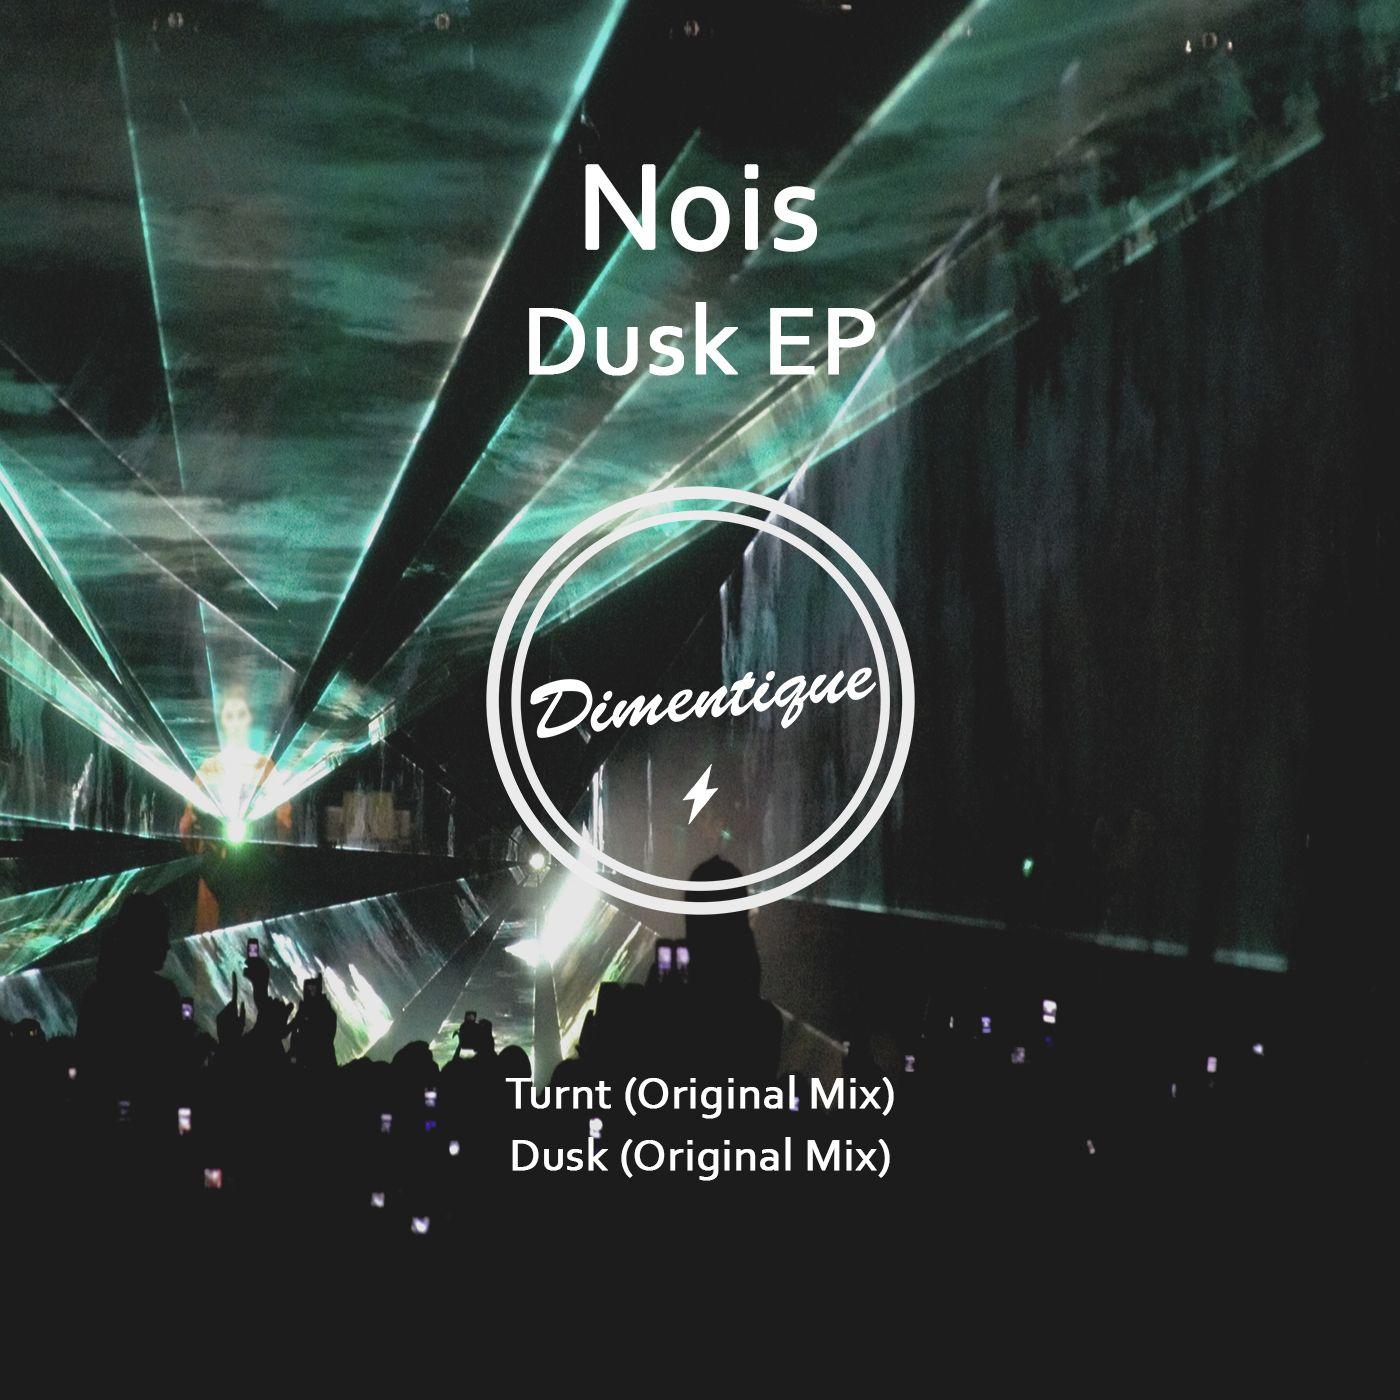 dimentique_new_art_2016_nois_dusk_ep.jpg